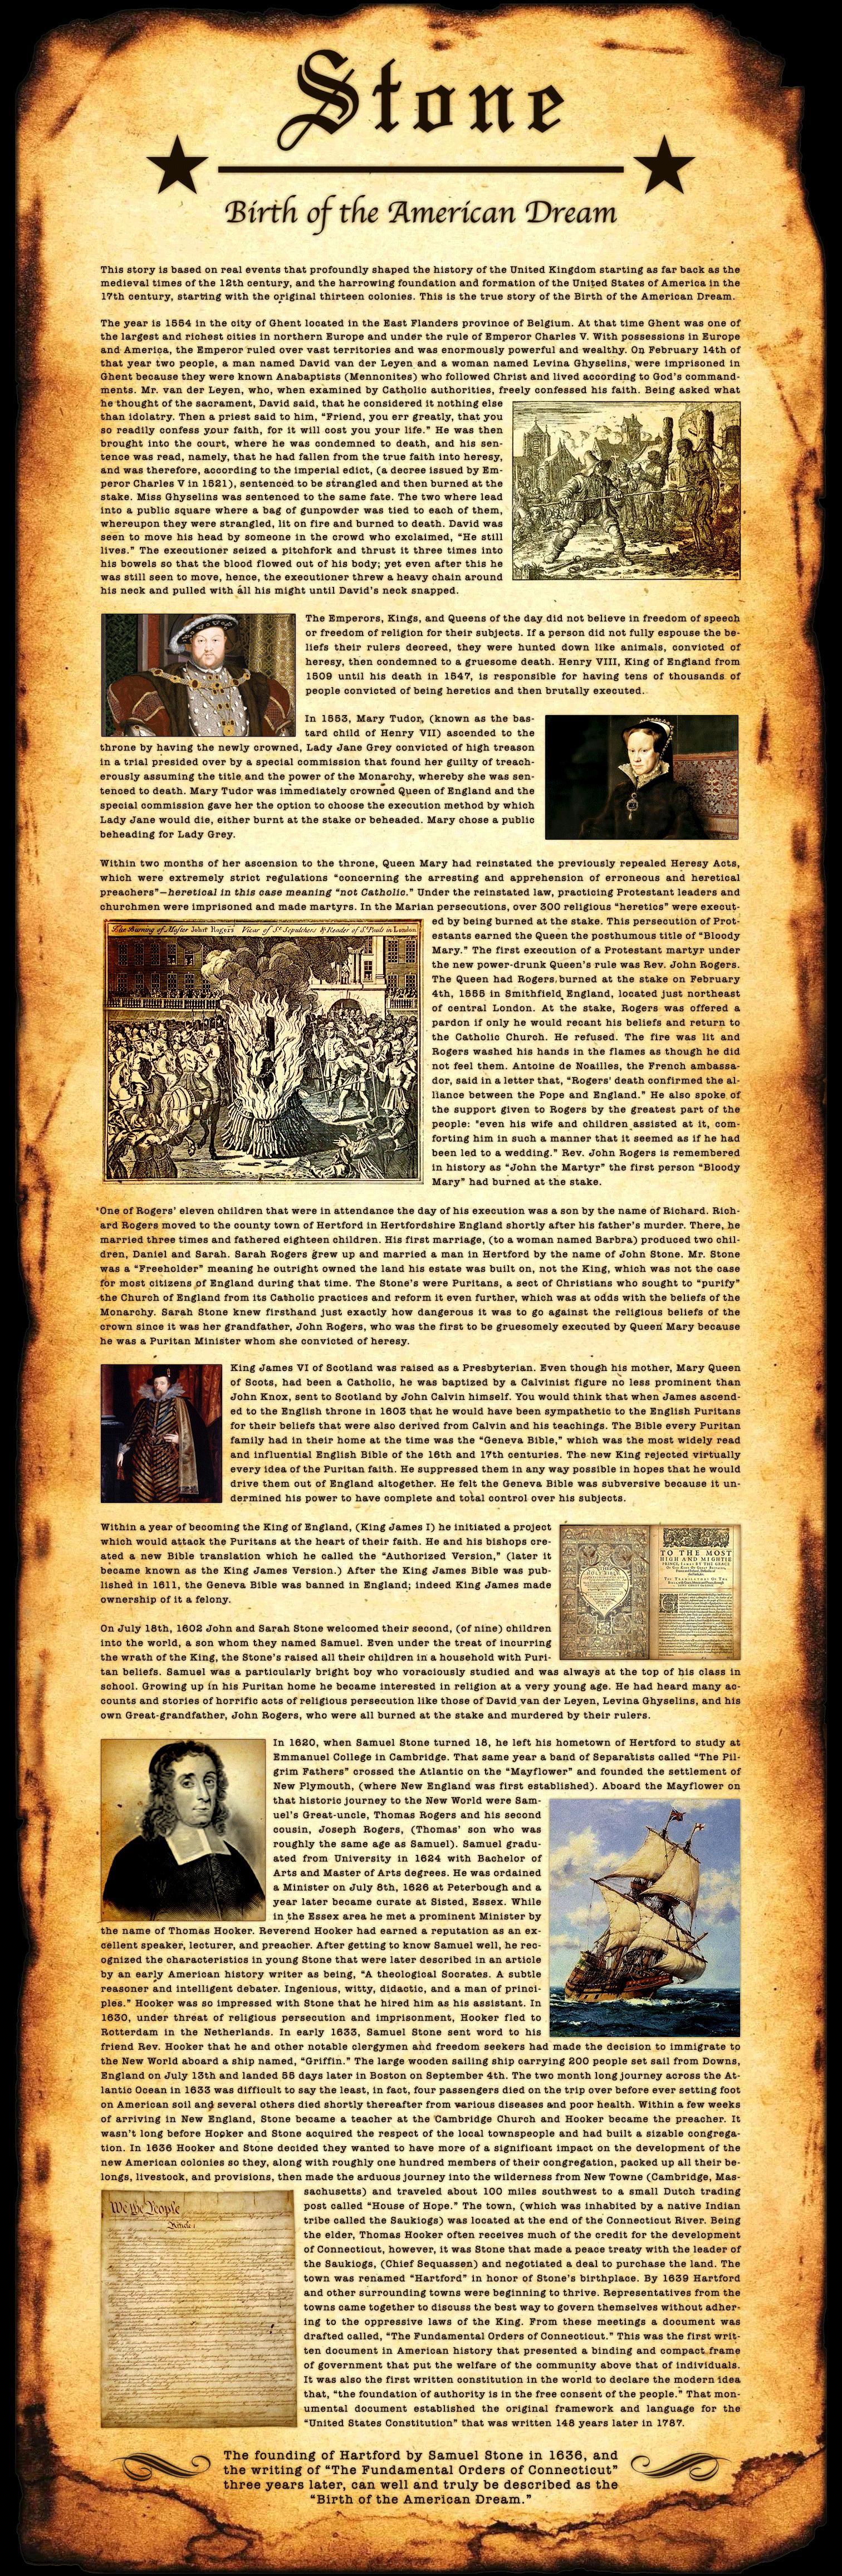 Stone-Synopsis-2